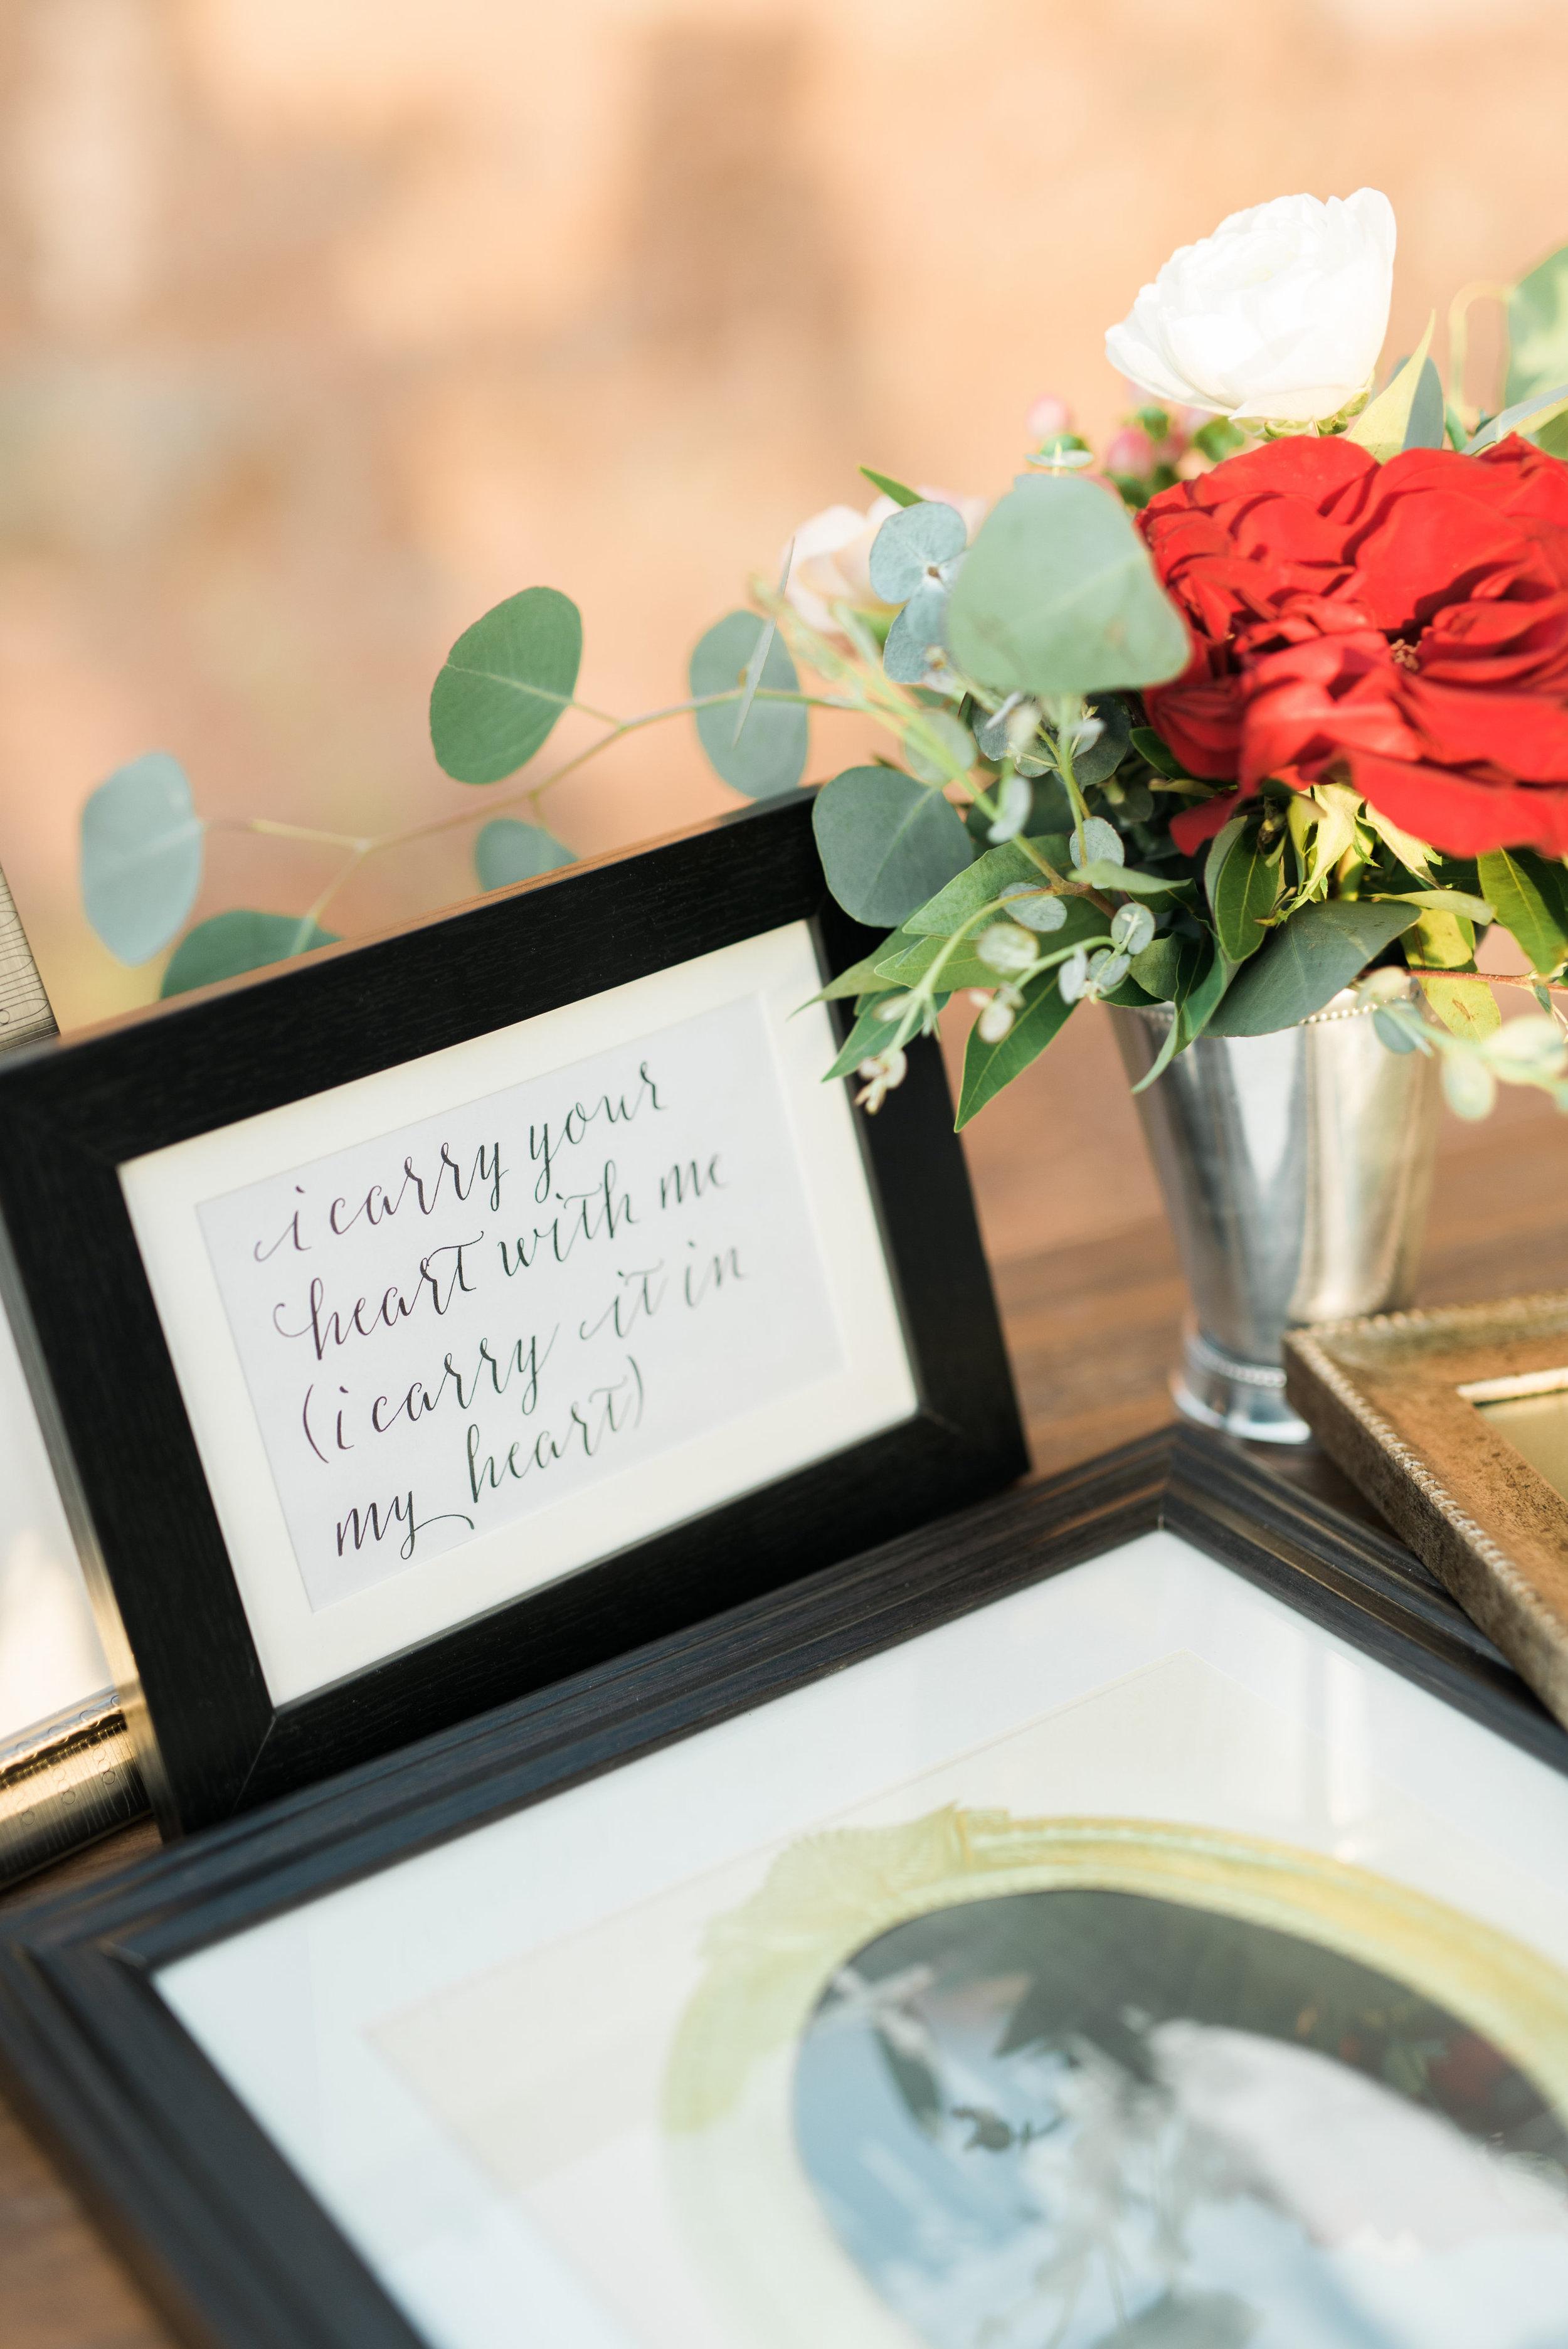 wedding details, wedding signage, wedding flowers, red wedding flowers, orange wedding flowers, ivory wedding flowers,family photos